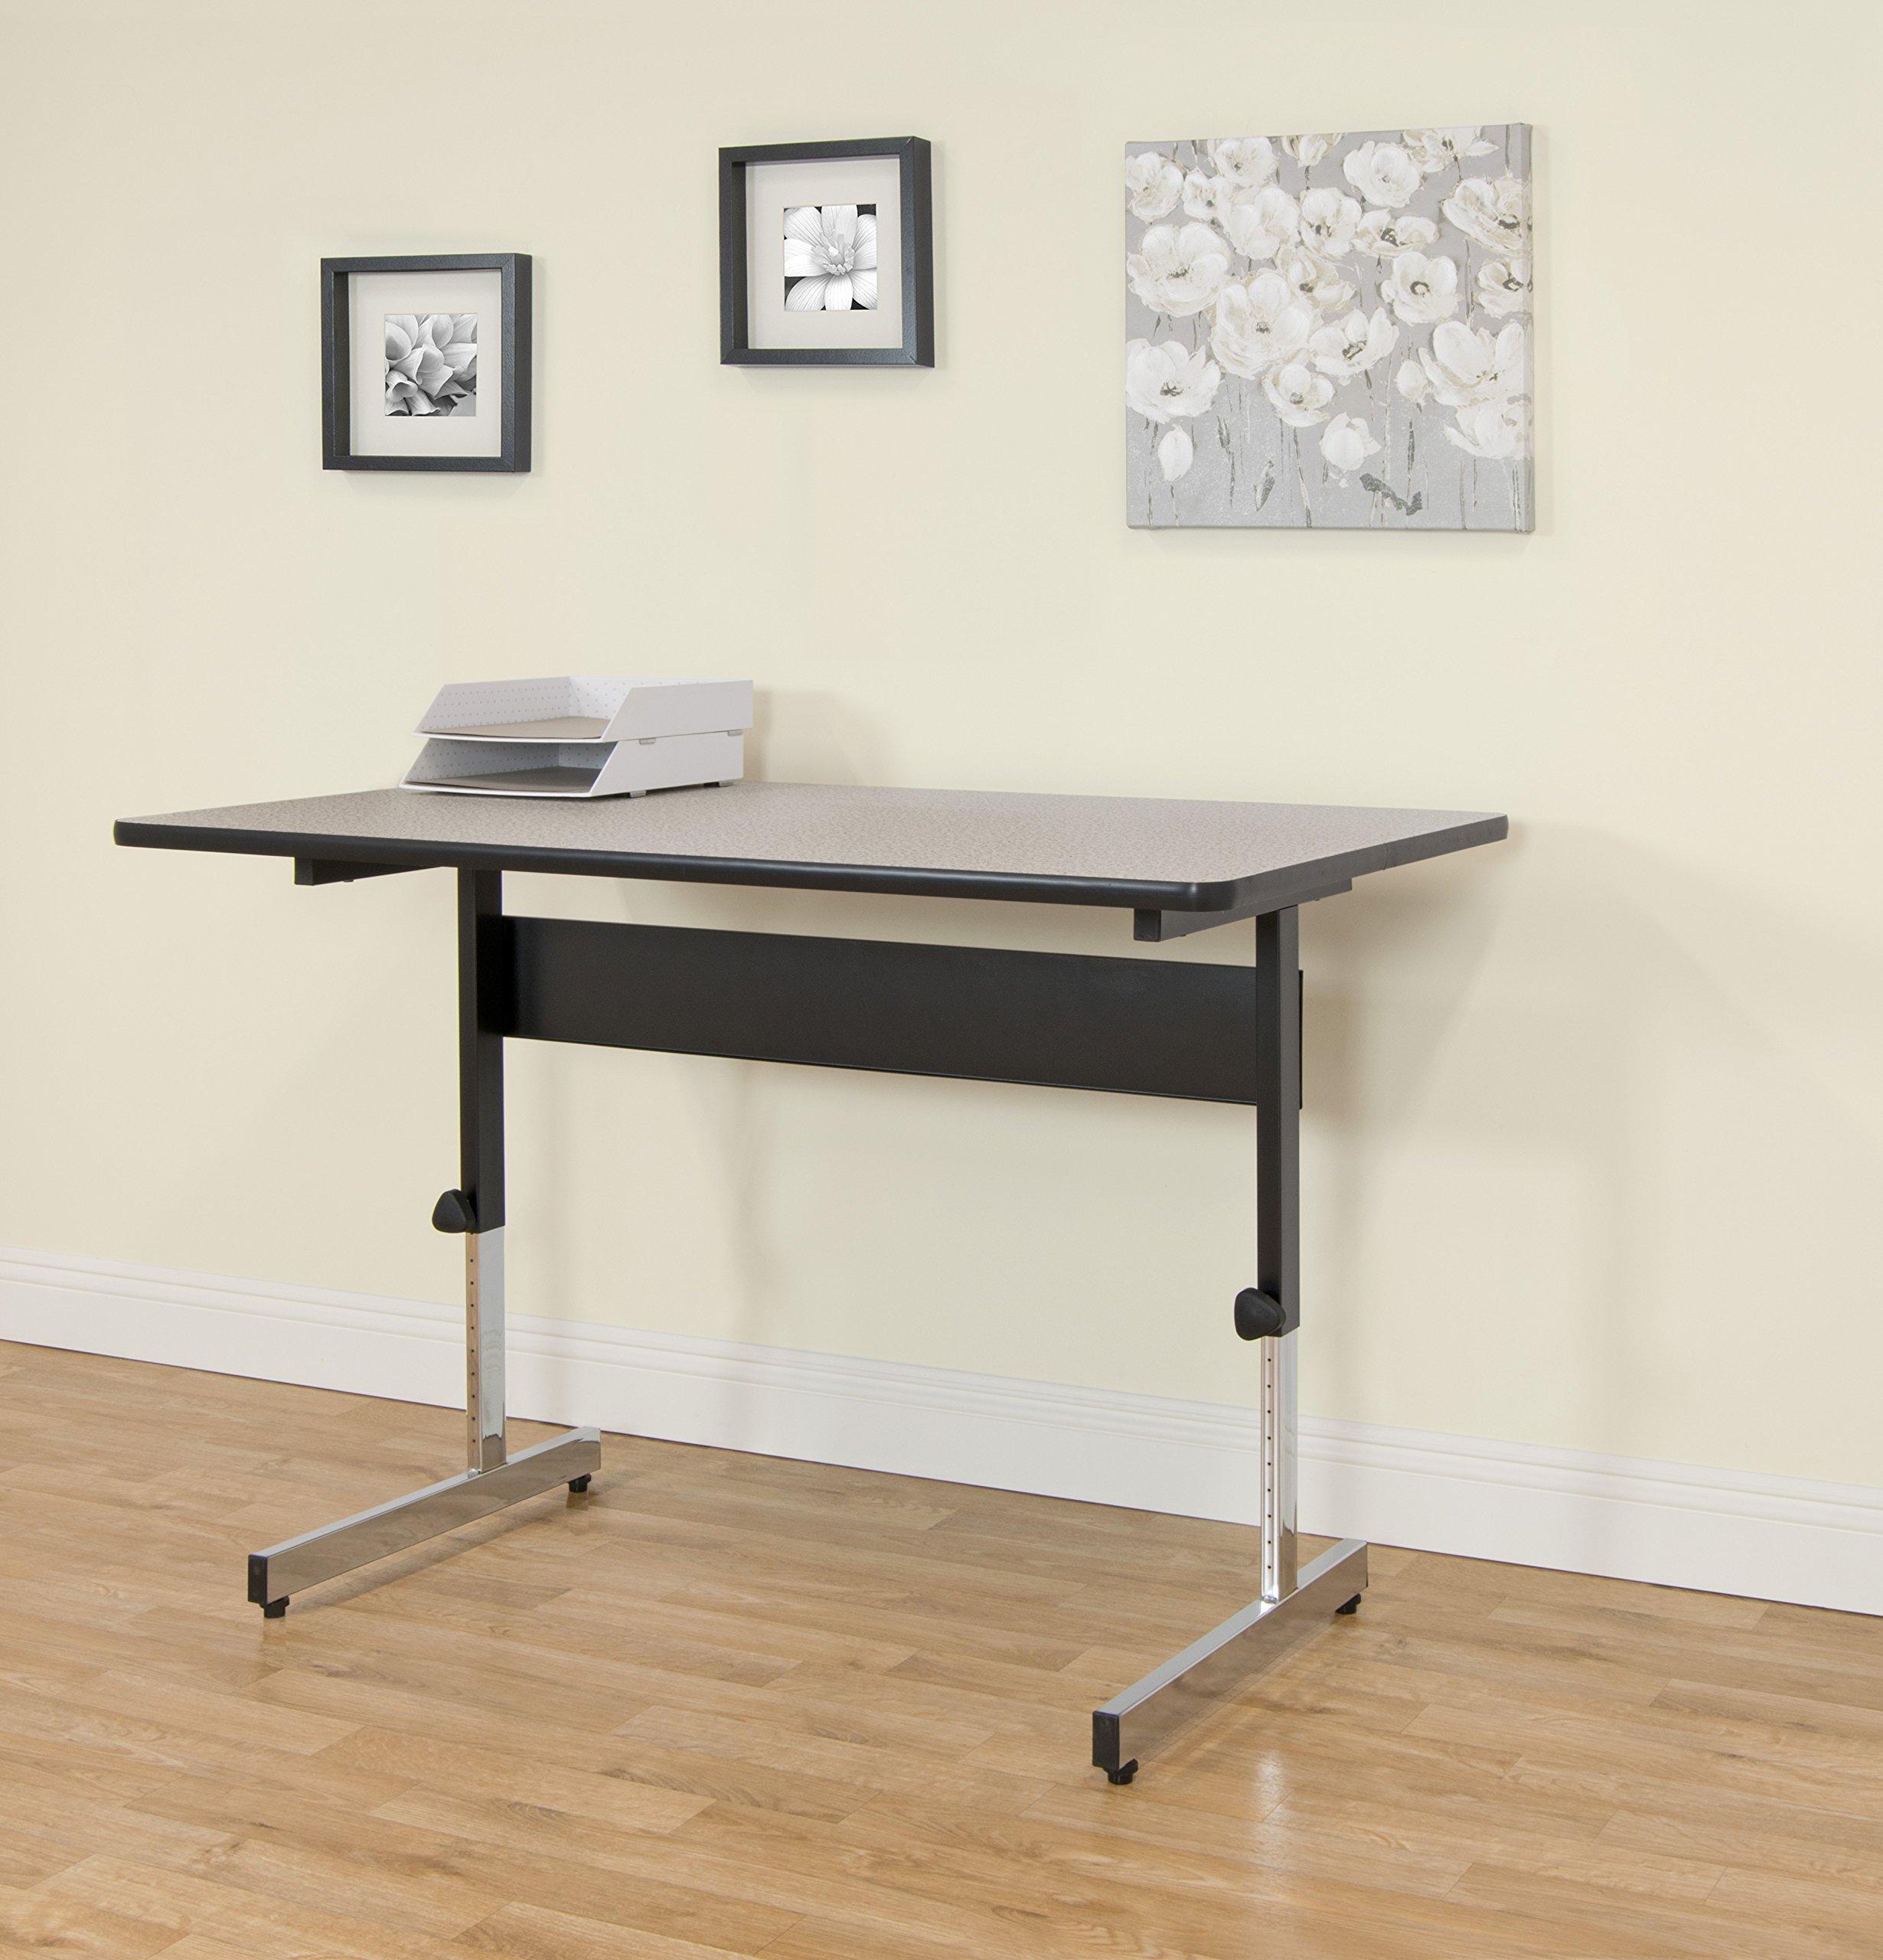 Calico Designs 410382.0 Adapta Desk, 48'', Black/Spatter Gray by Calico Designs (Image #2)